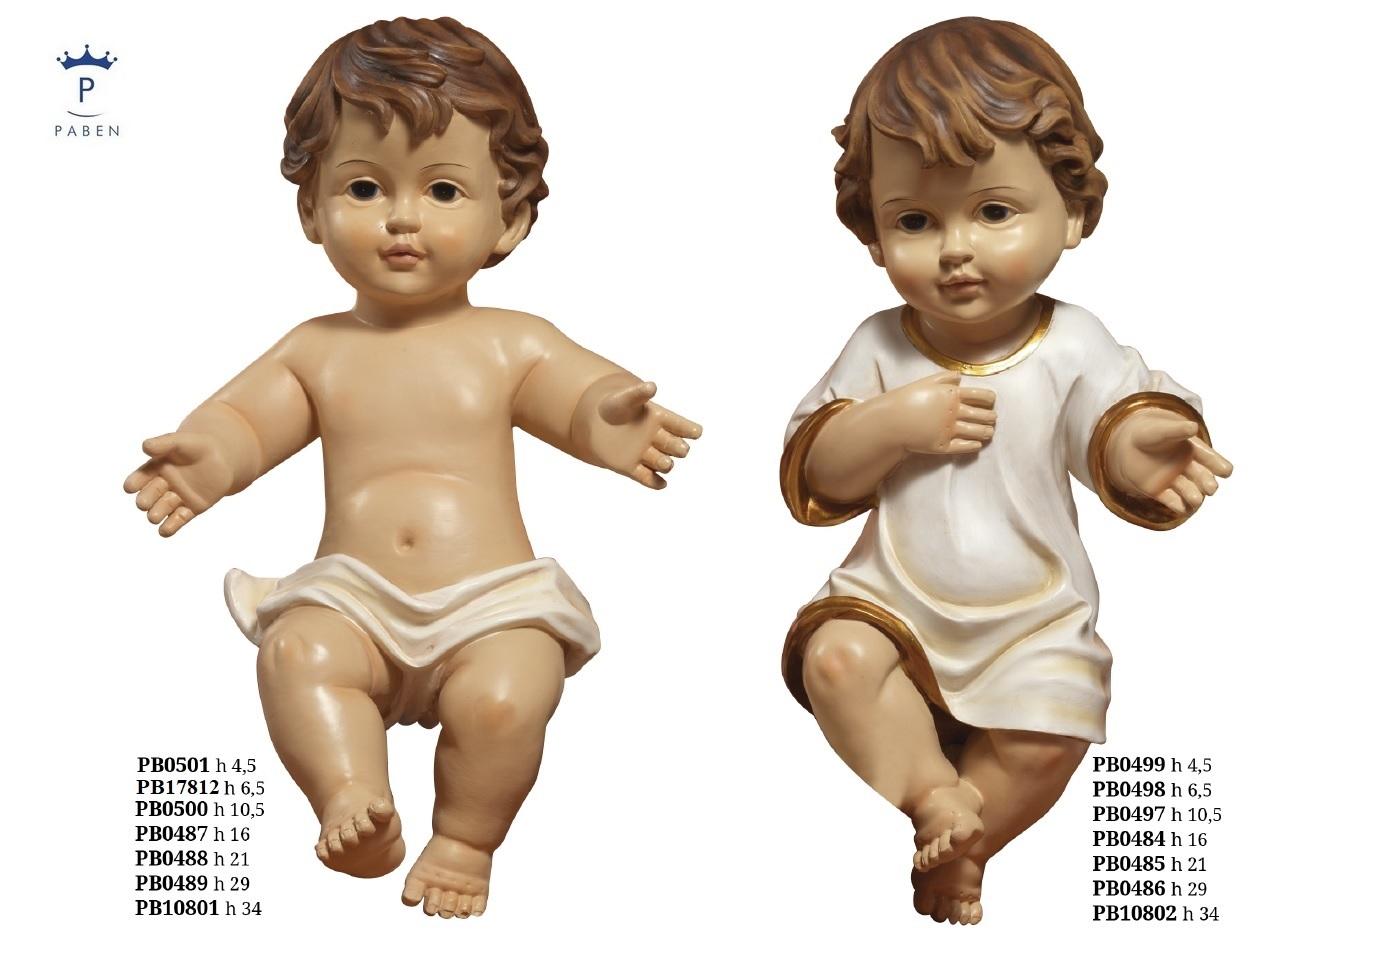 15E8 - Bambinelli - Articoli Religiosi - Prodotti - Rebolab